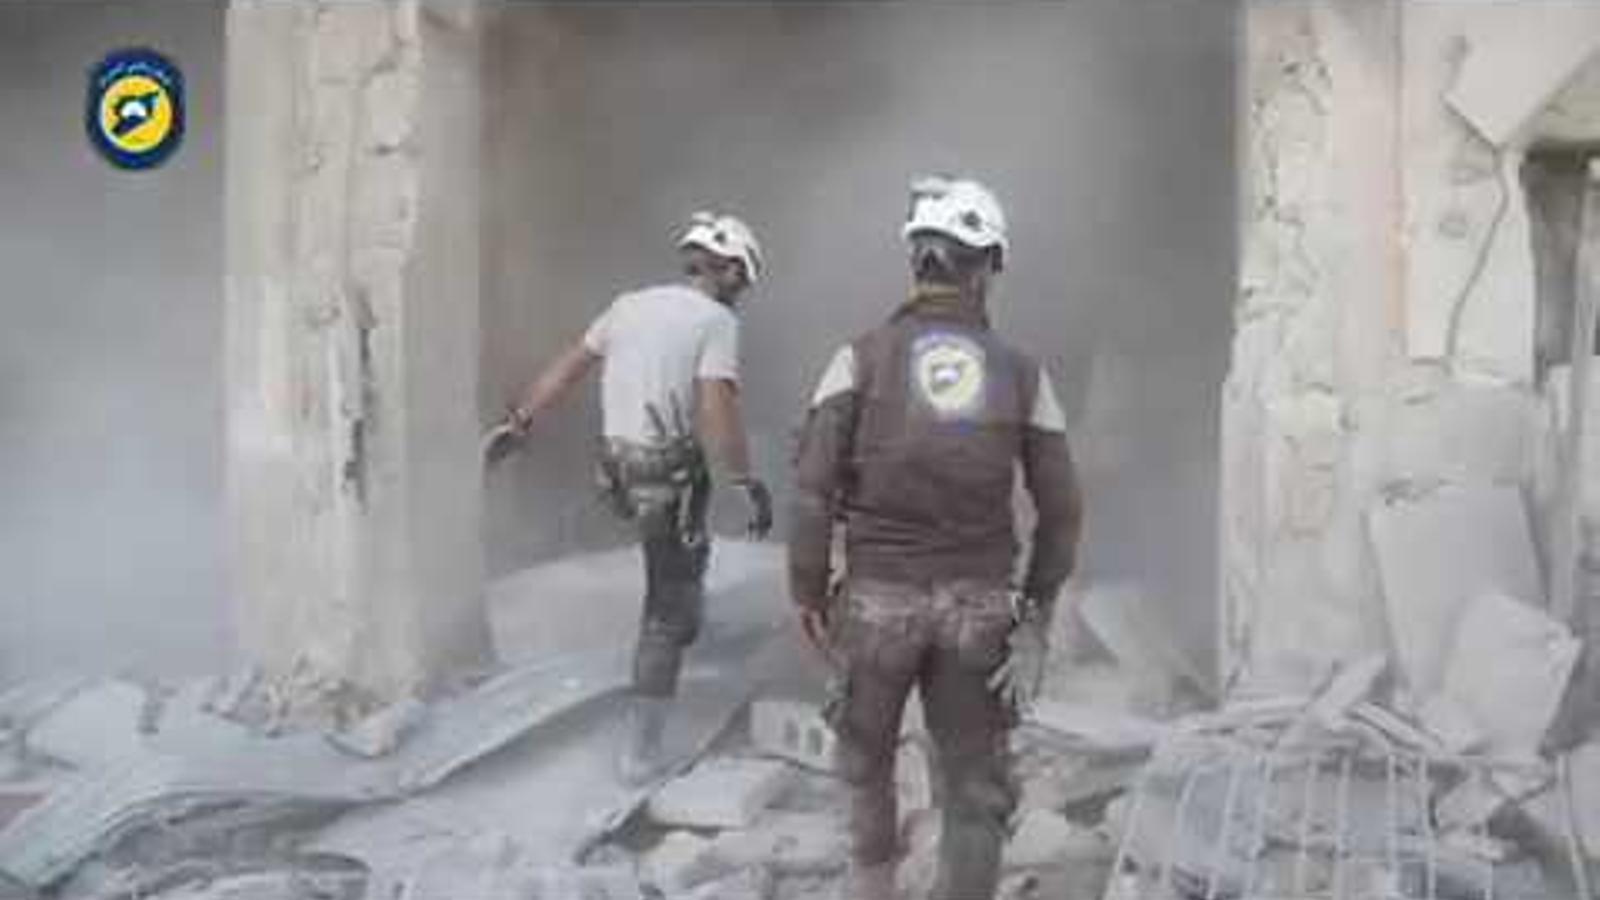 Les bombes plouen a Alep mentre Al-Assad prepara l'atac terrestre